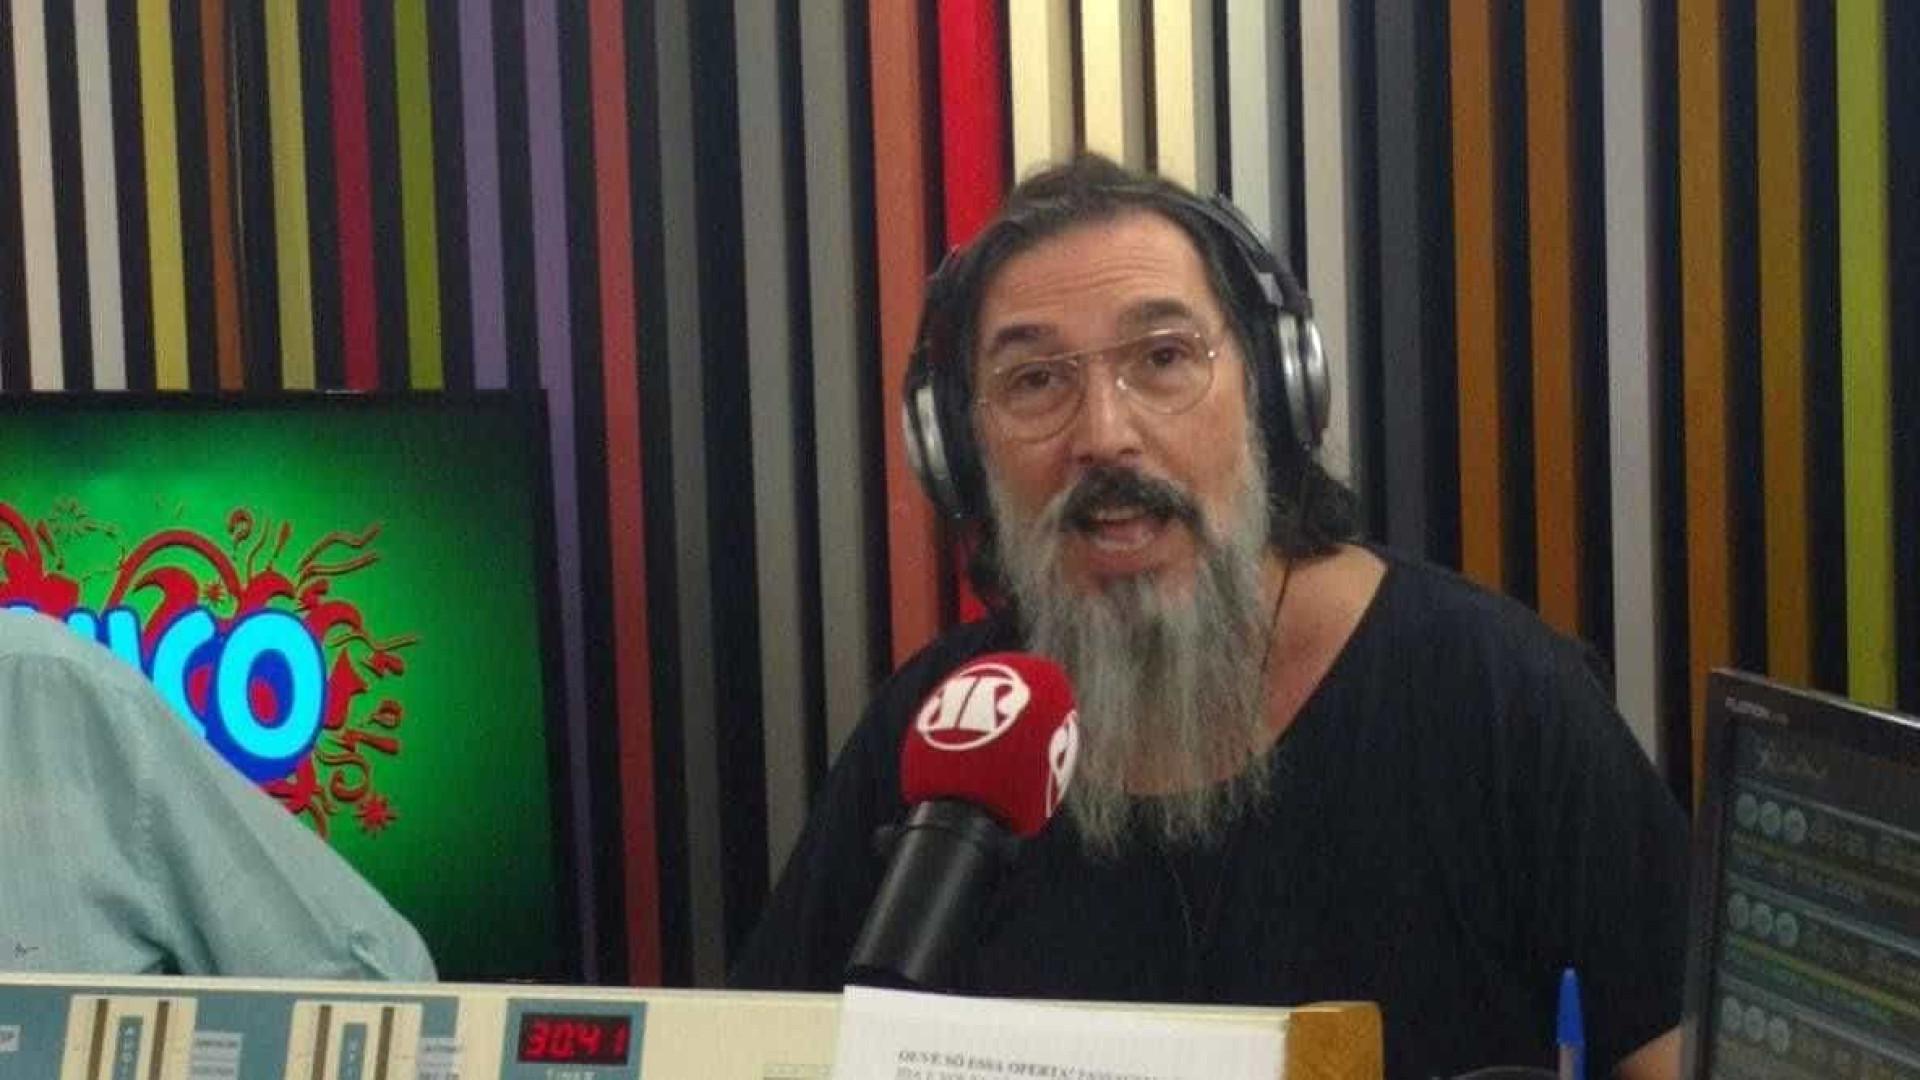 Lobão relembra apoio a MST: 'Período sombrio das drogas pesadas'